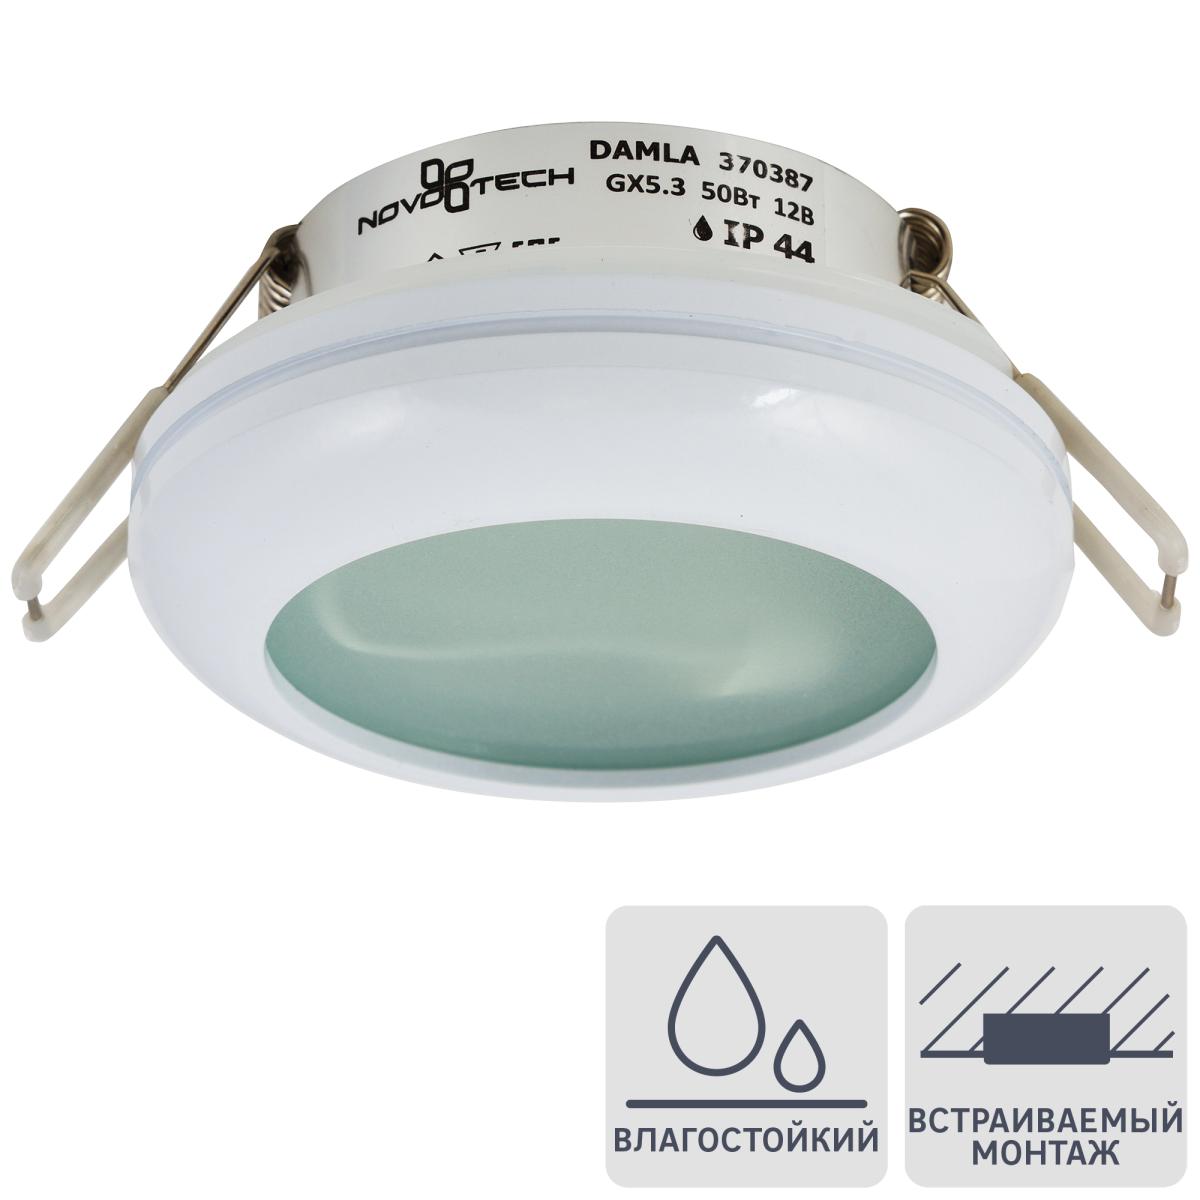 Светильник встраиваемый Novotech Damla 370387 GX5.3